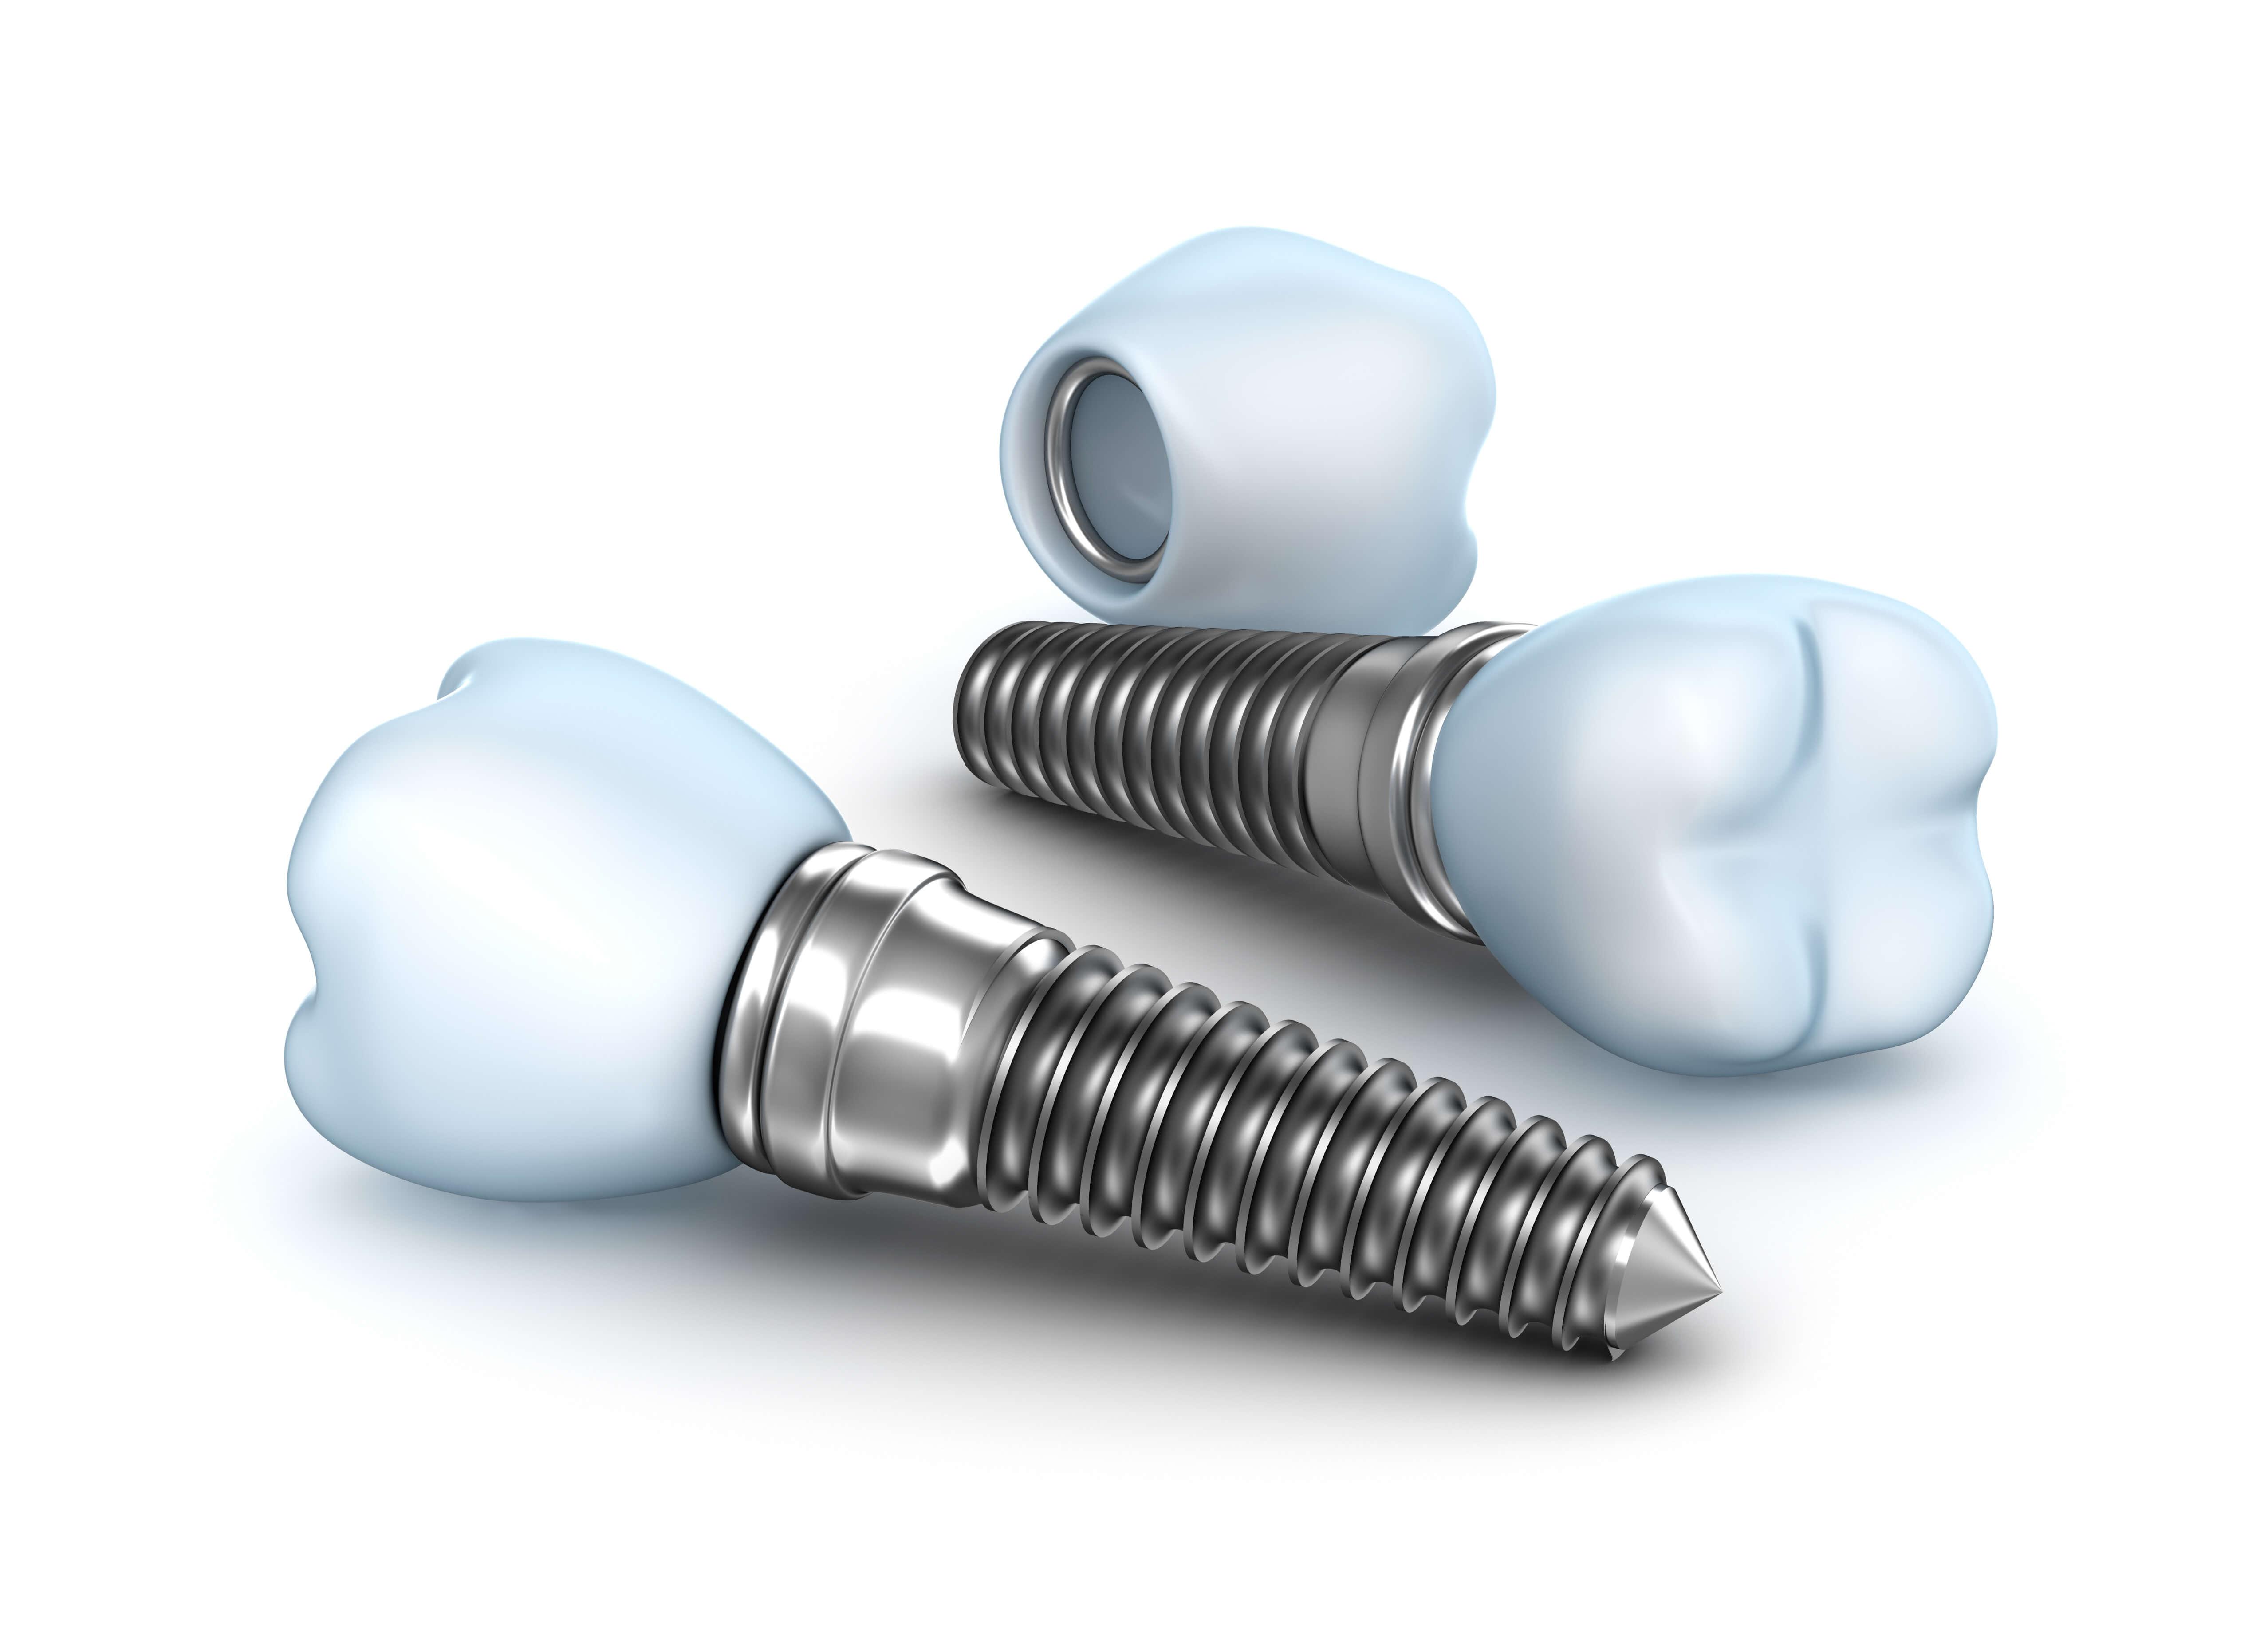 Безоперационная одноэтапная имплантация зубов